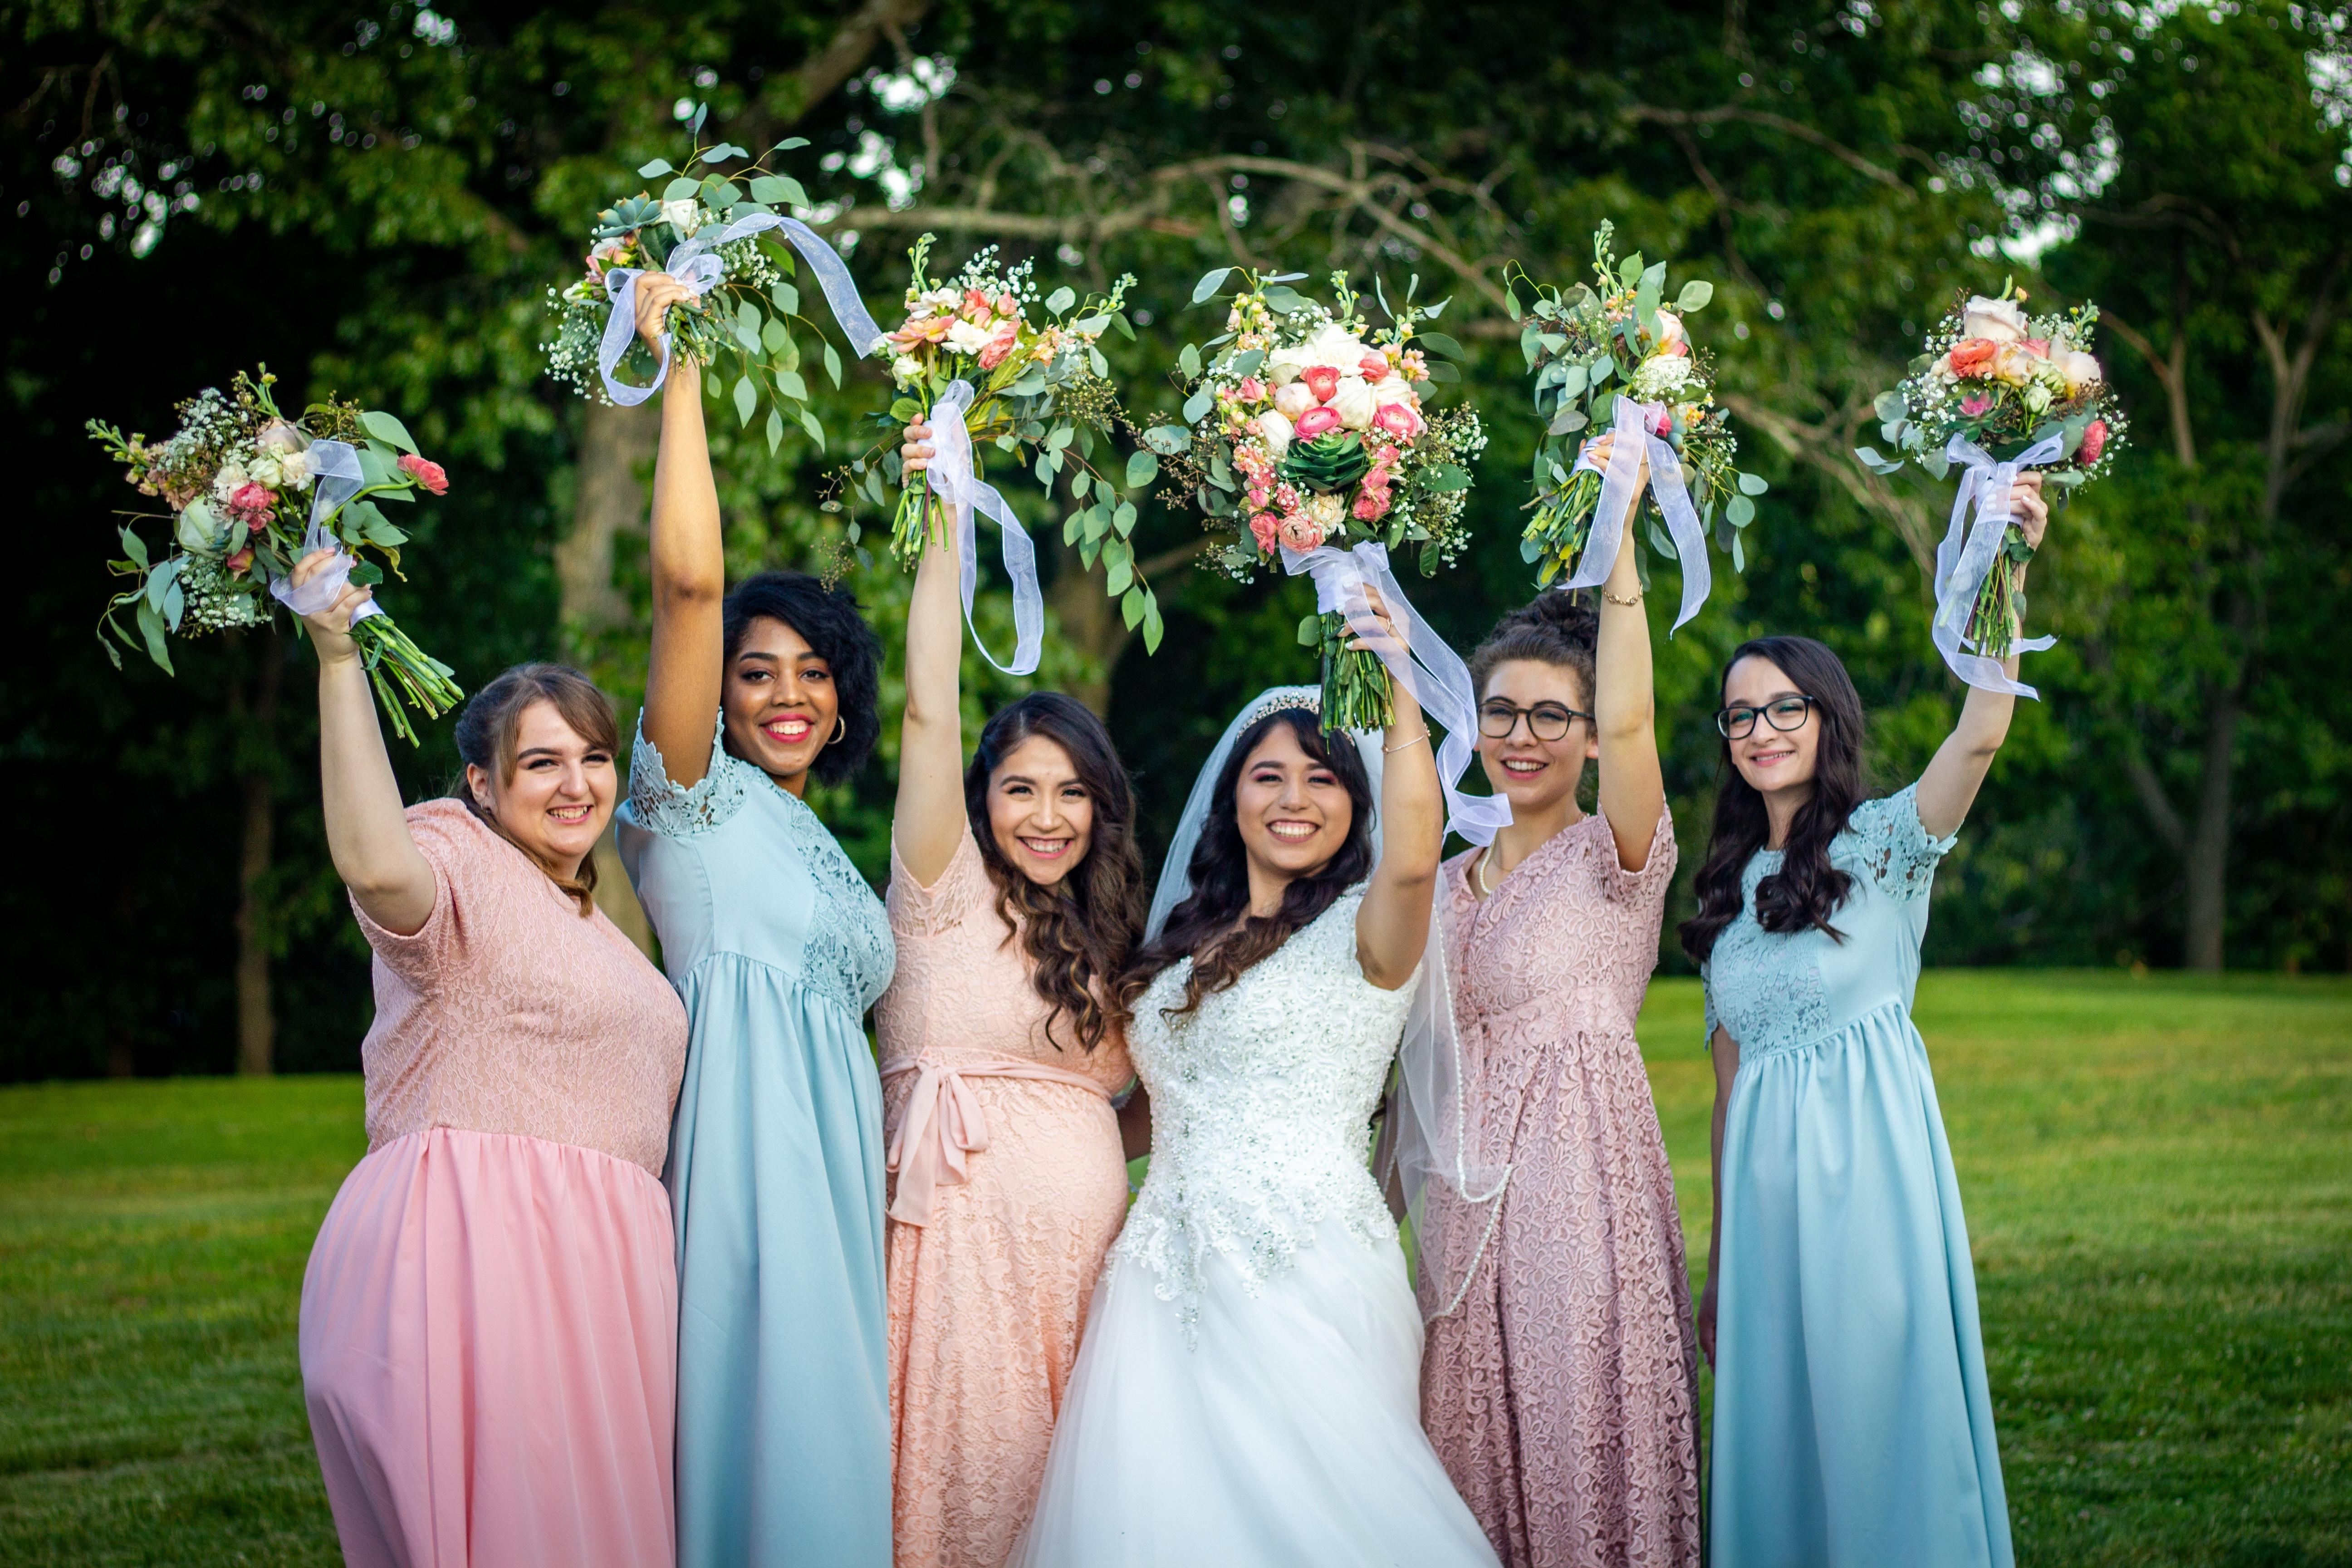 Bride + Bridal Party